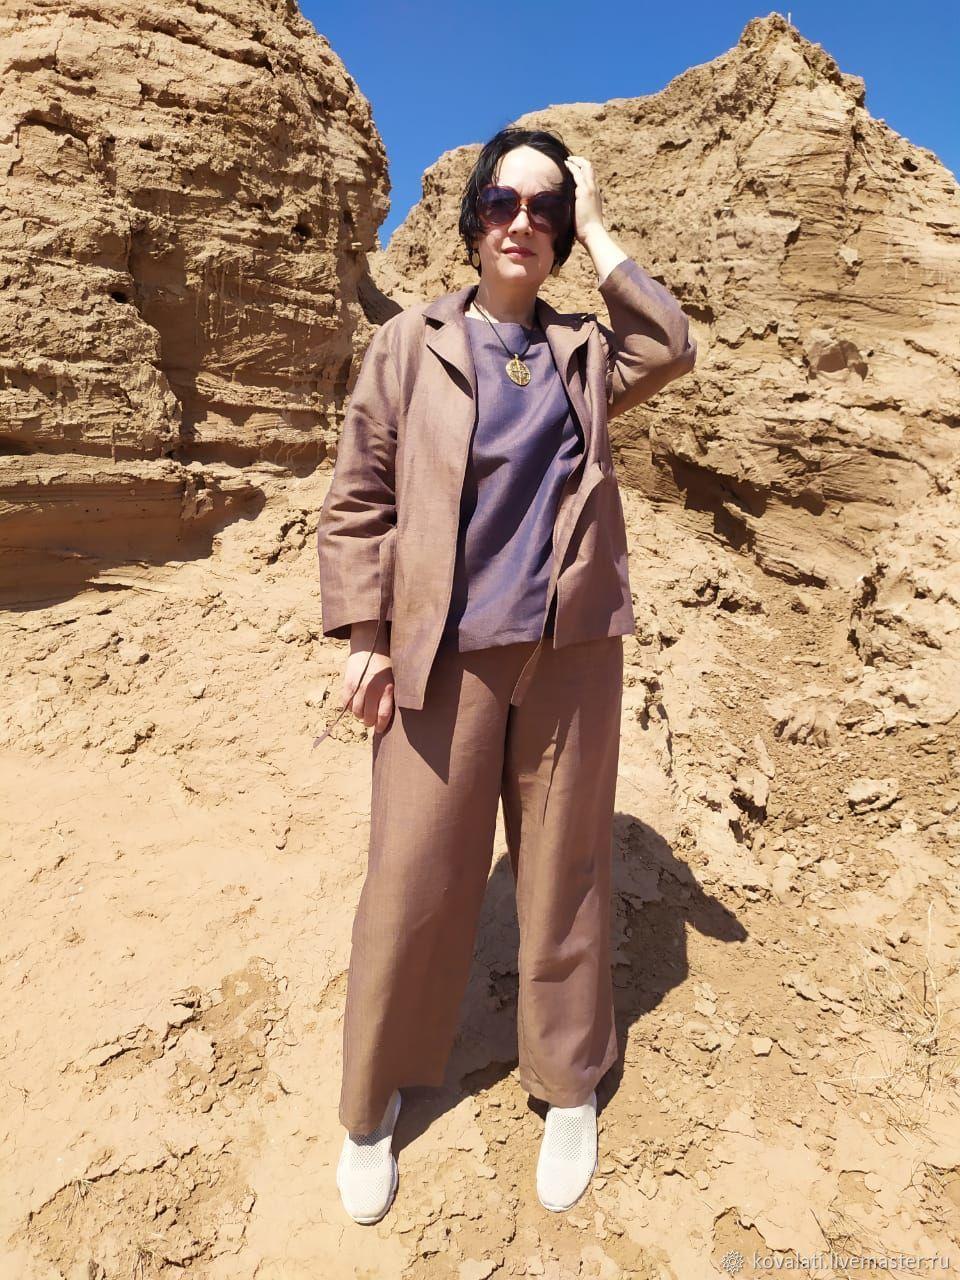 Костюм-пижама из льна с хлопком с эффектом тафты, Костюмы, Астрахань,  Фото №1